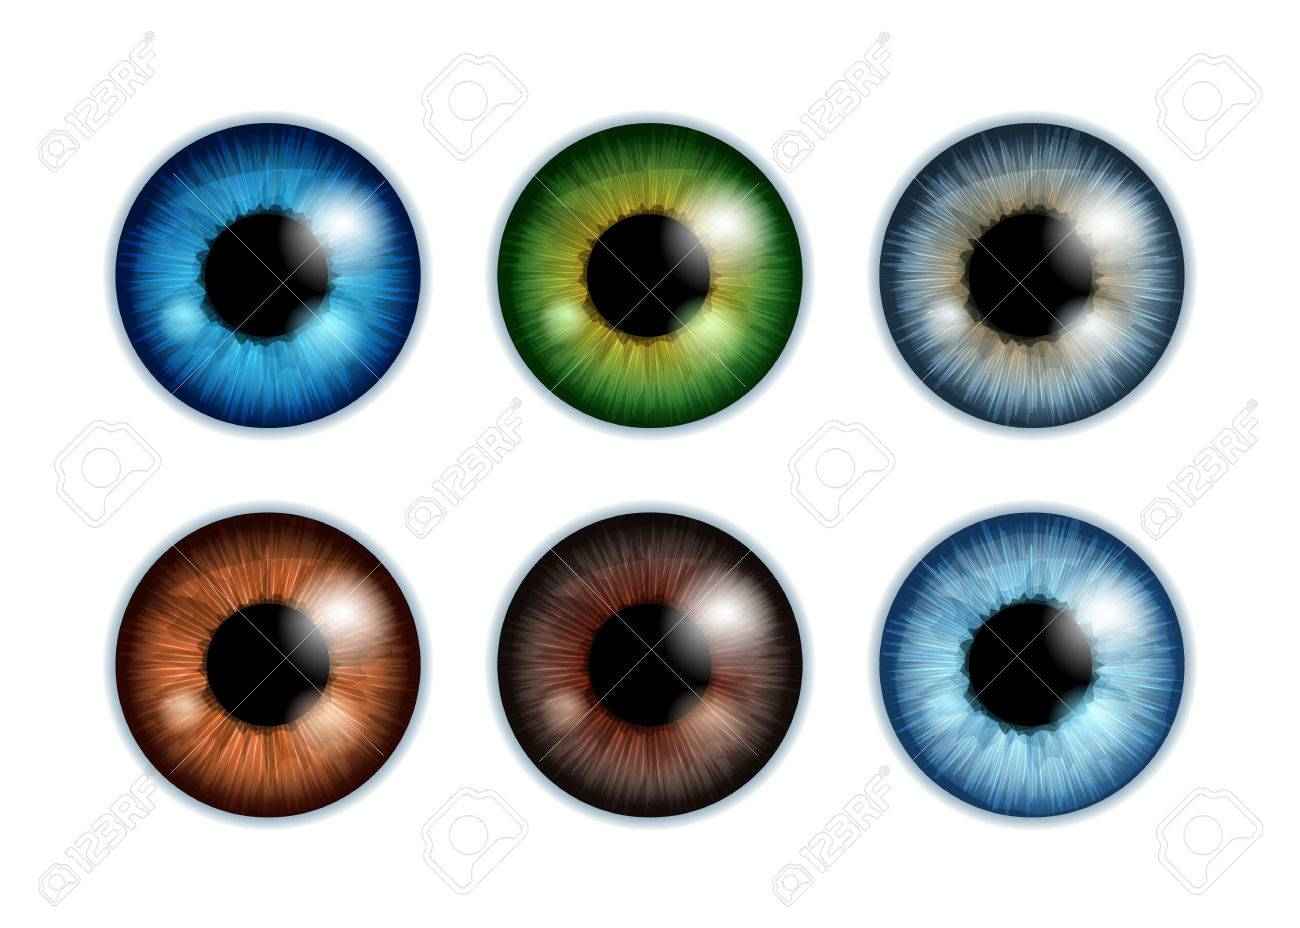 human eyeballs iris pupils set isolated on white background